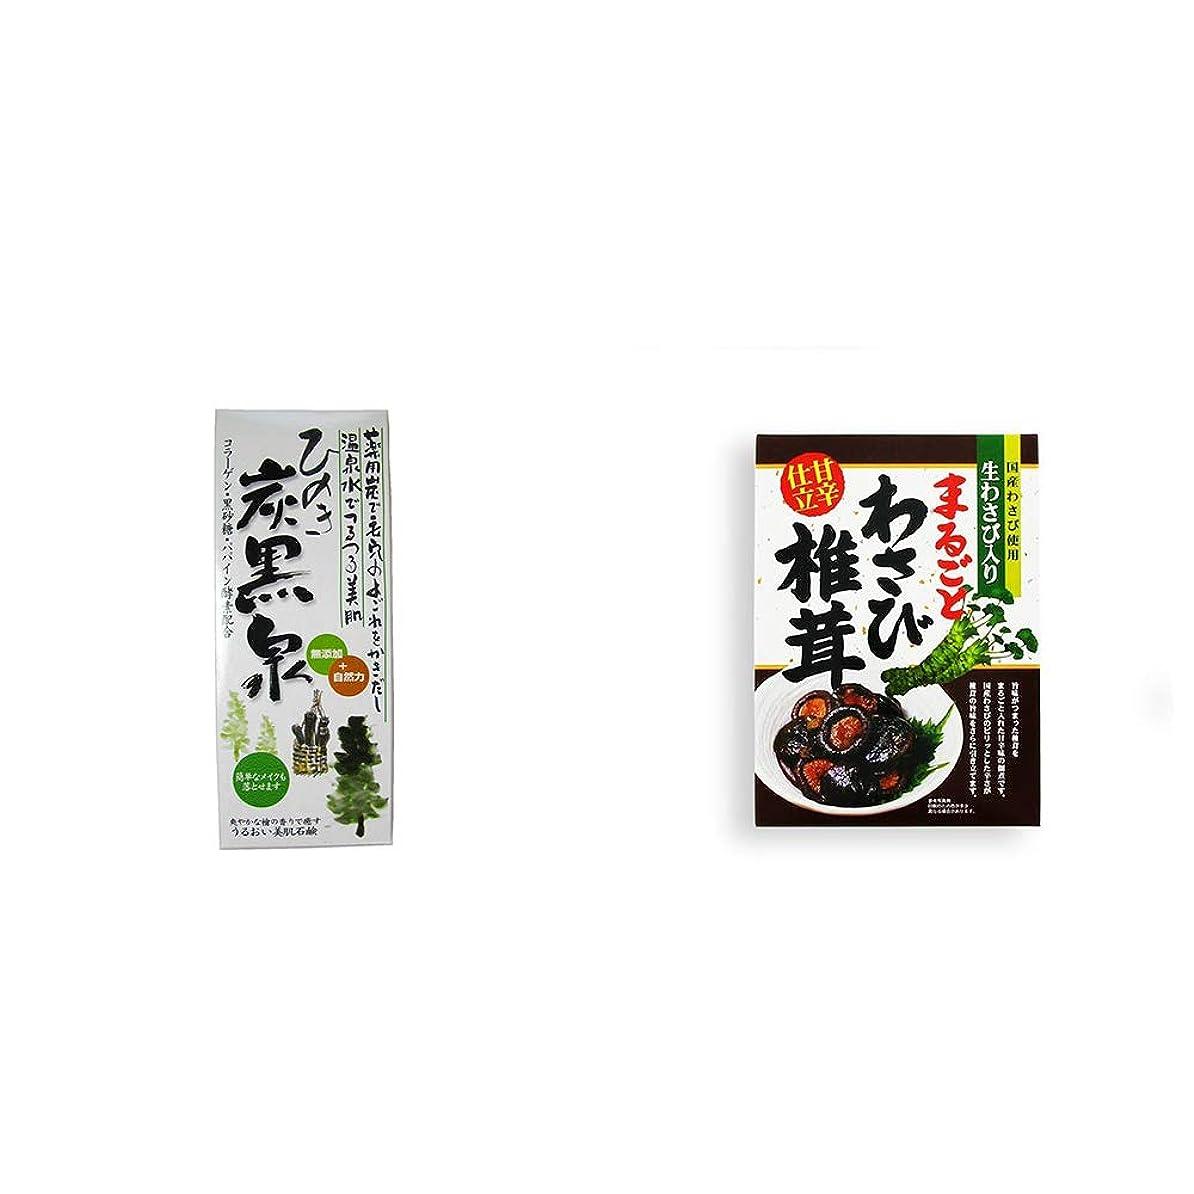 悪意政令ダイヤル[2点セット] ひのき炭黒泉 箱入り(75g×3)?まるごとわさび椎茸(200g)